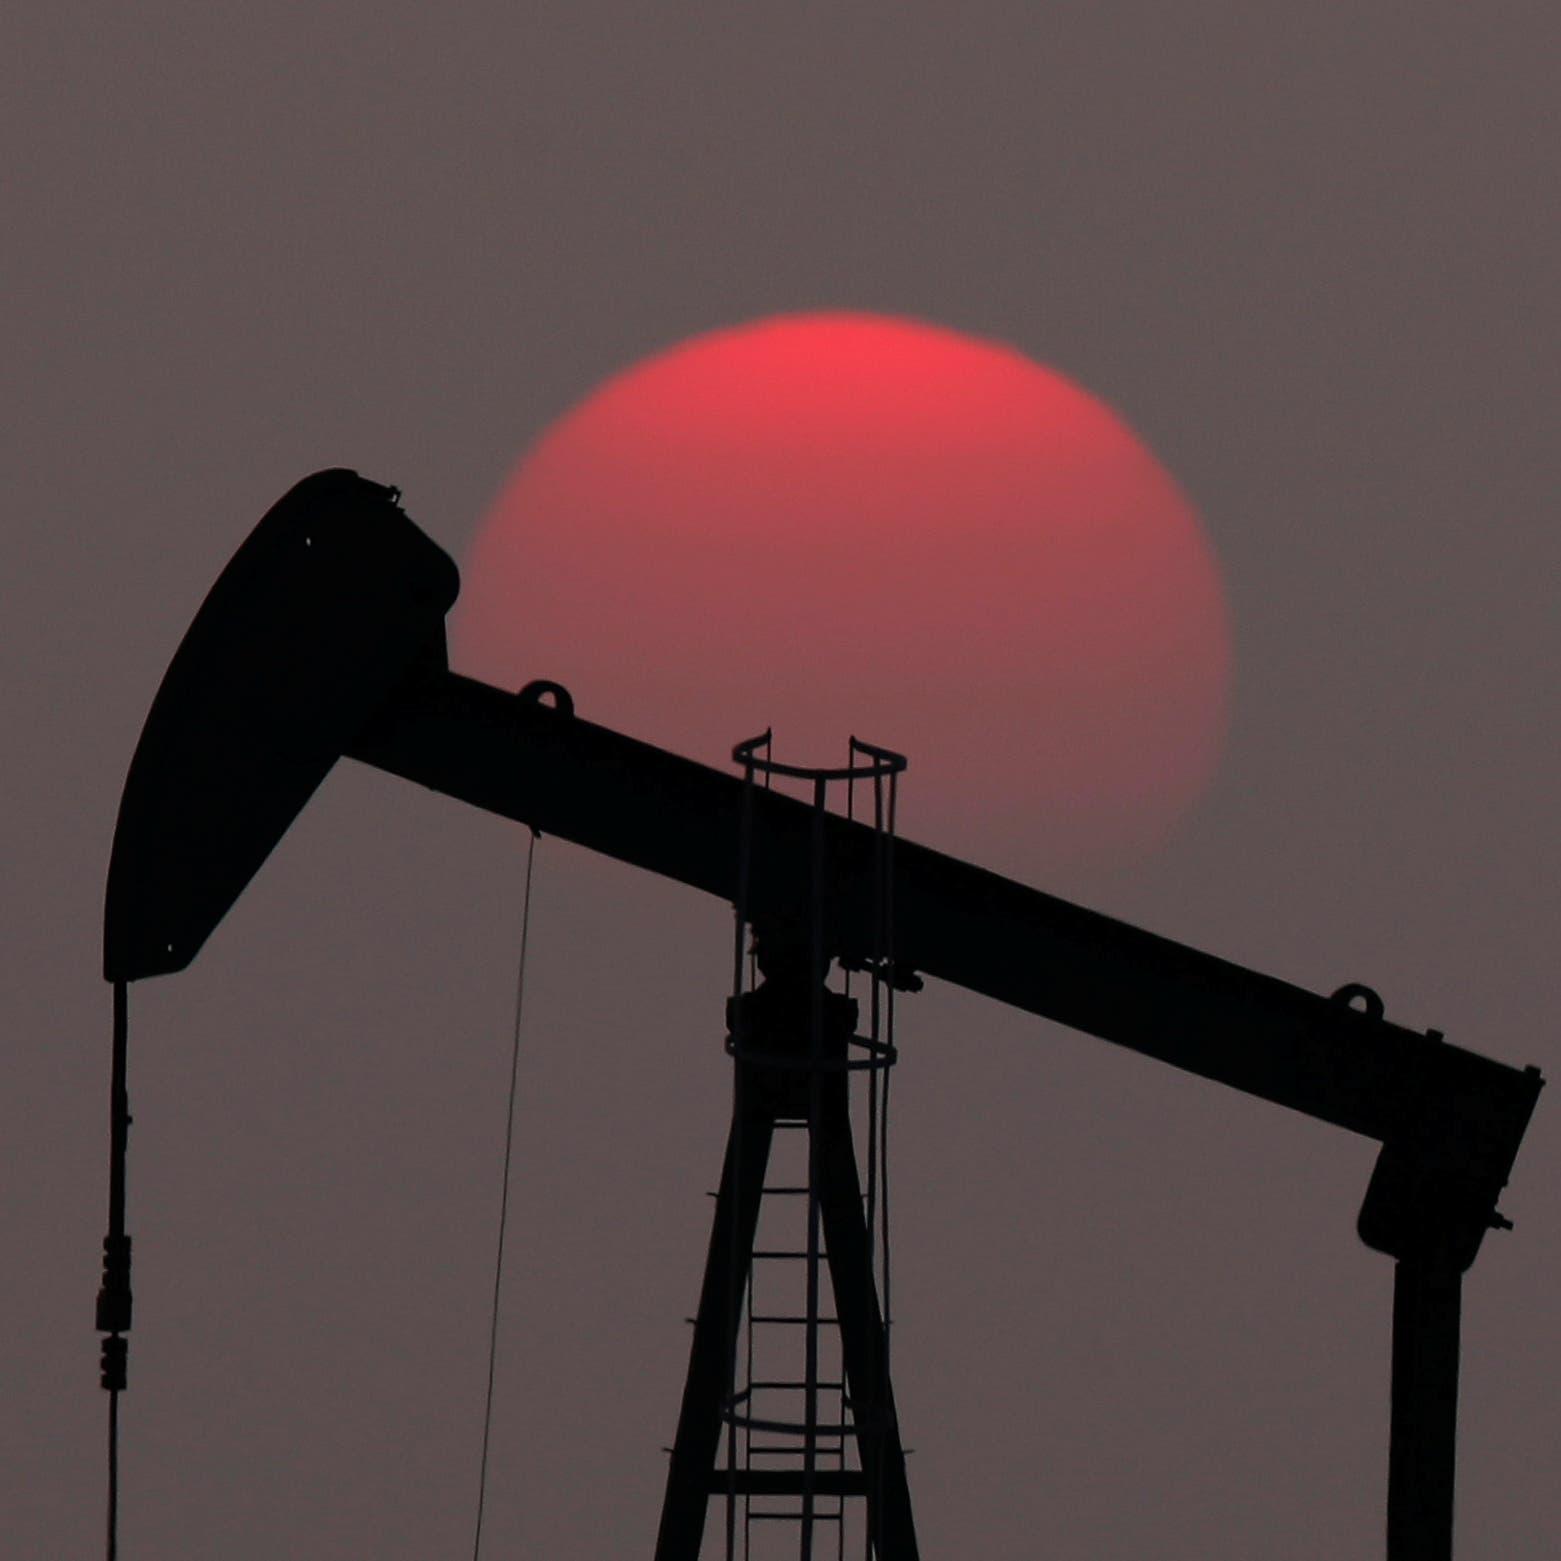 """""""سوسيتيه جنرال"""" يتوقع عودة الطلب على النفط إلى طبيعته في 2022"""